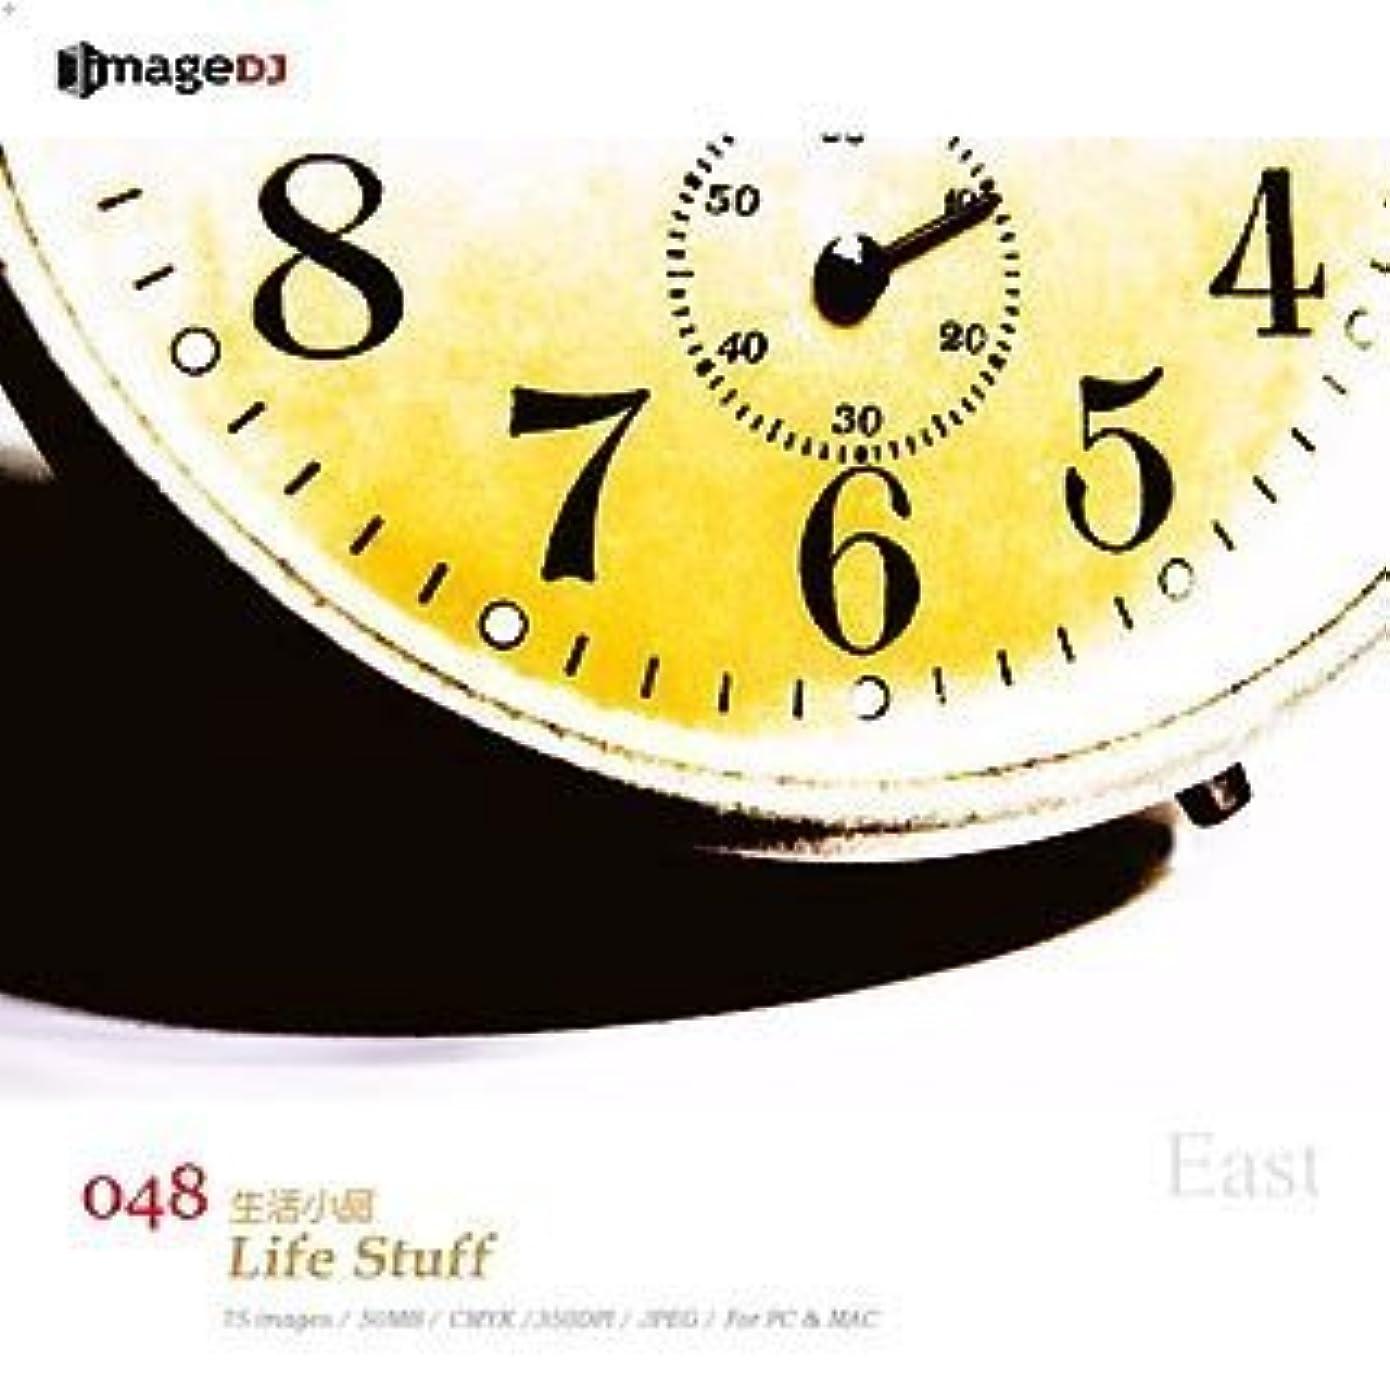 アンプアテンダント全部EAST vol.48 思い出の物 Life Stuff